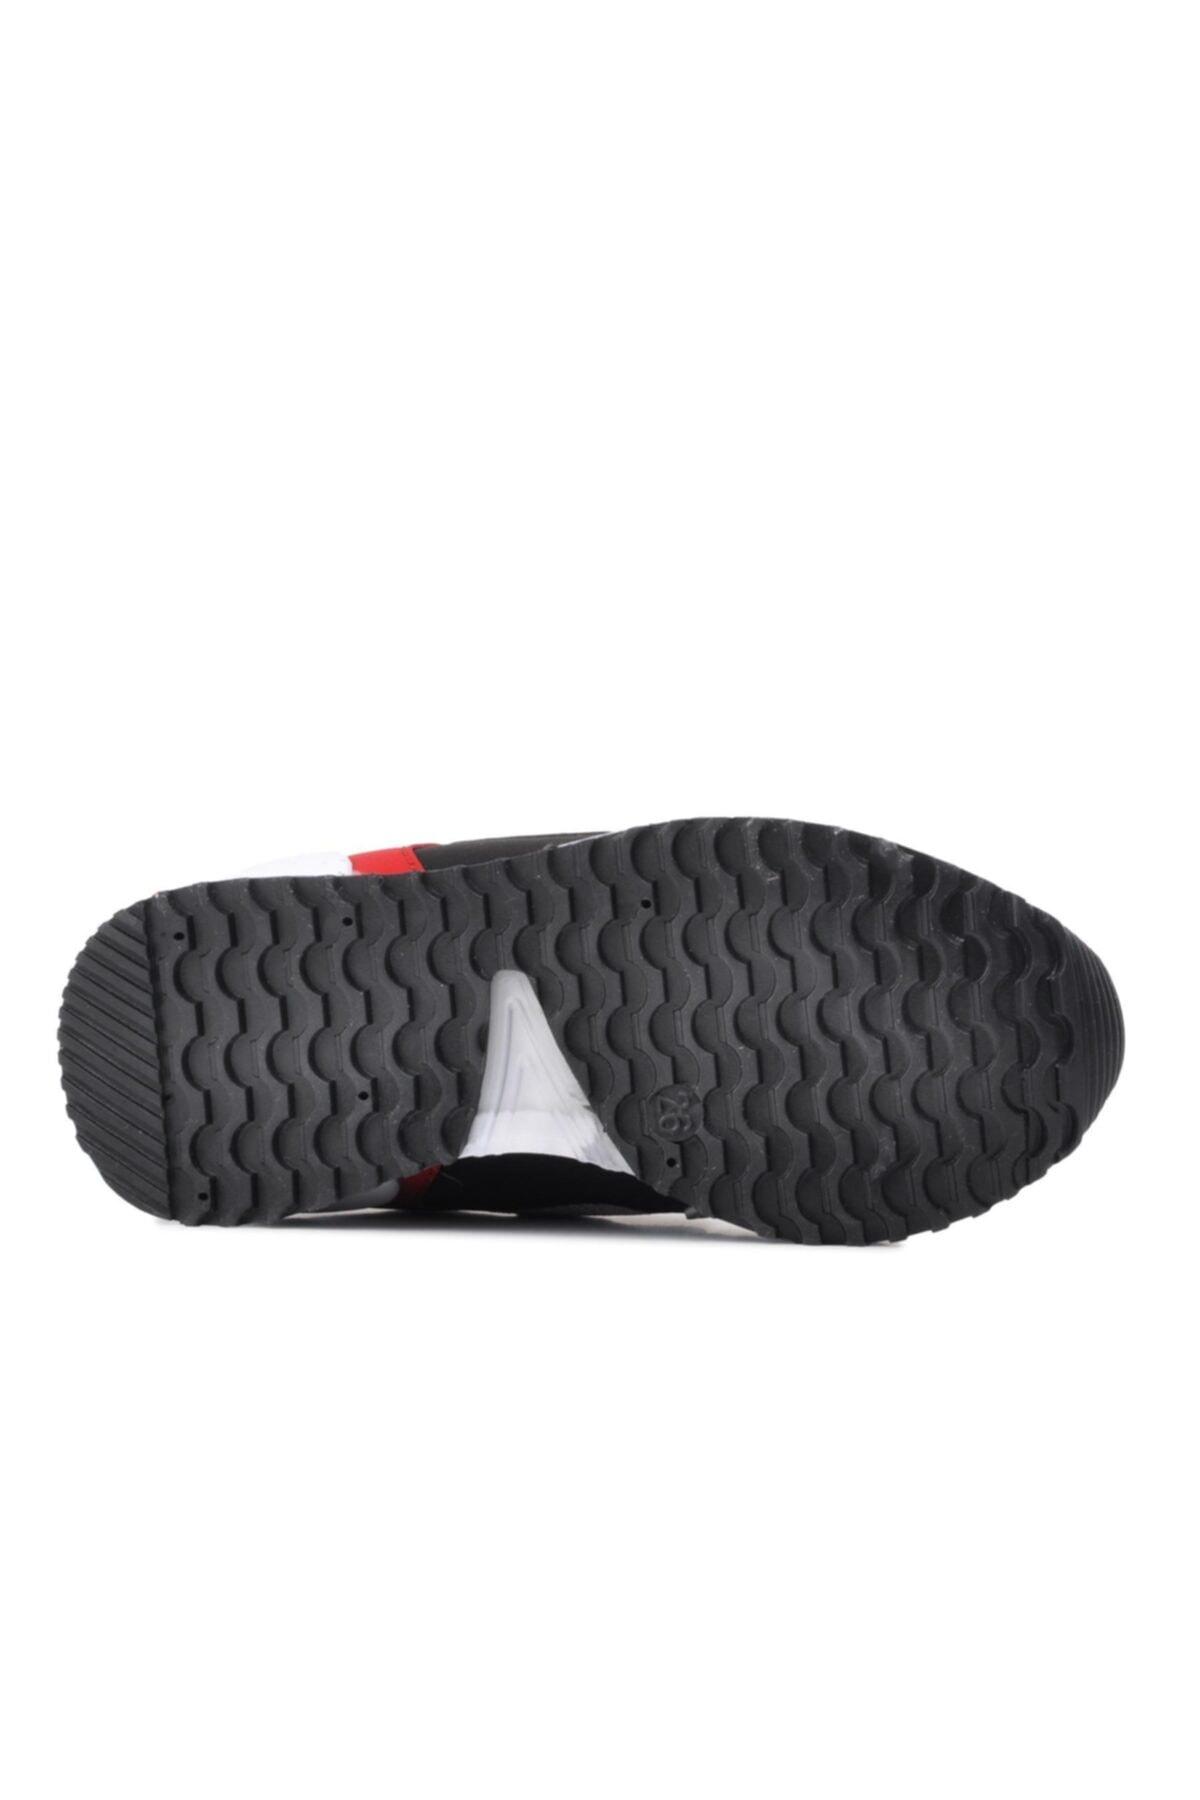 Slazenger Edmond P Gri Işıklı Çocuk Spor Ayakkabı